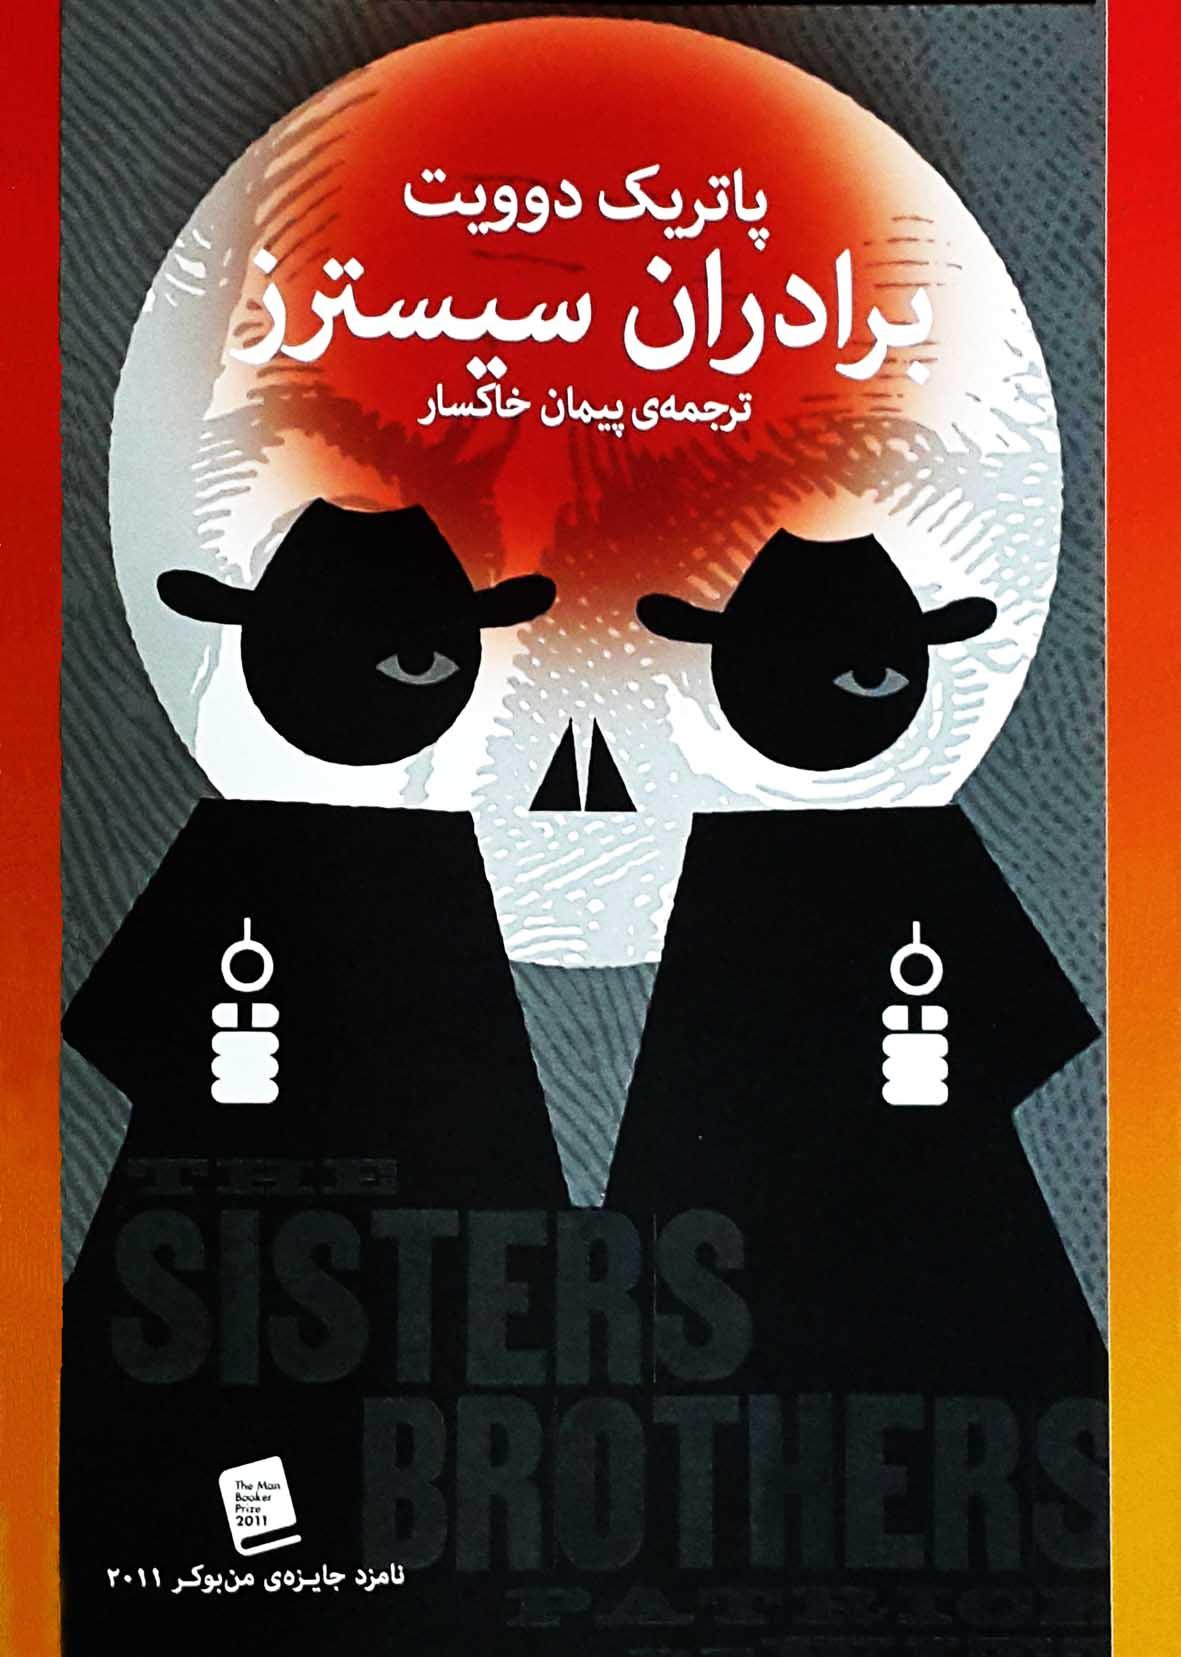 طرح جلد رمان برادران سیسترز